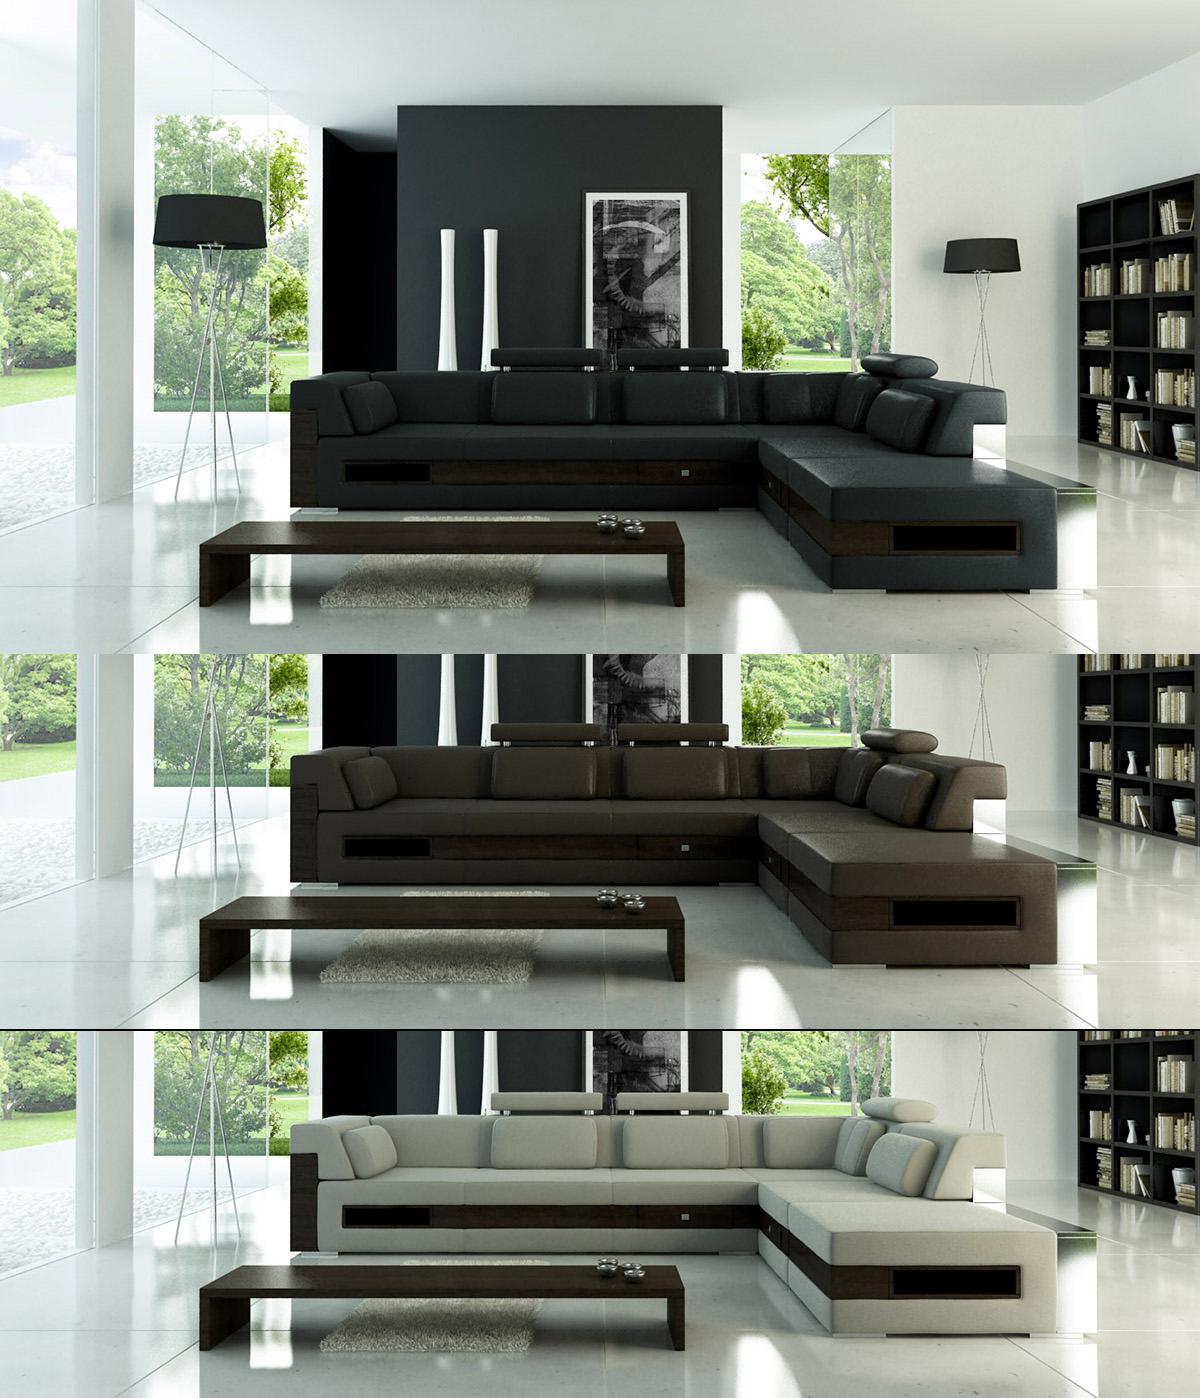 furniture_sofa_color.jpg